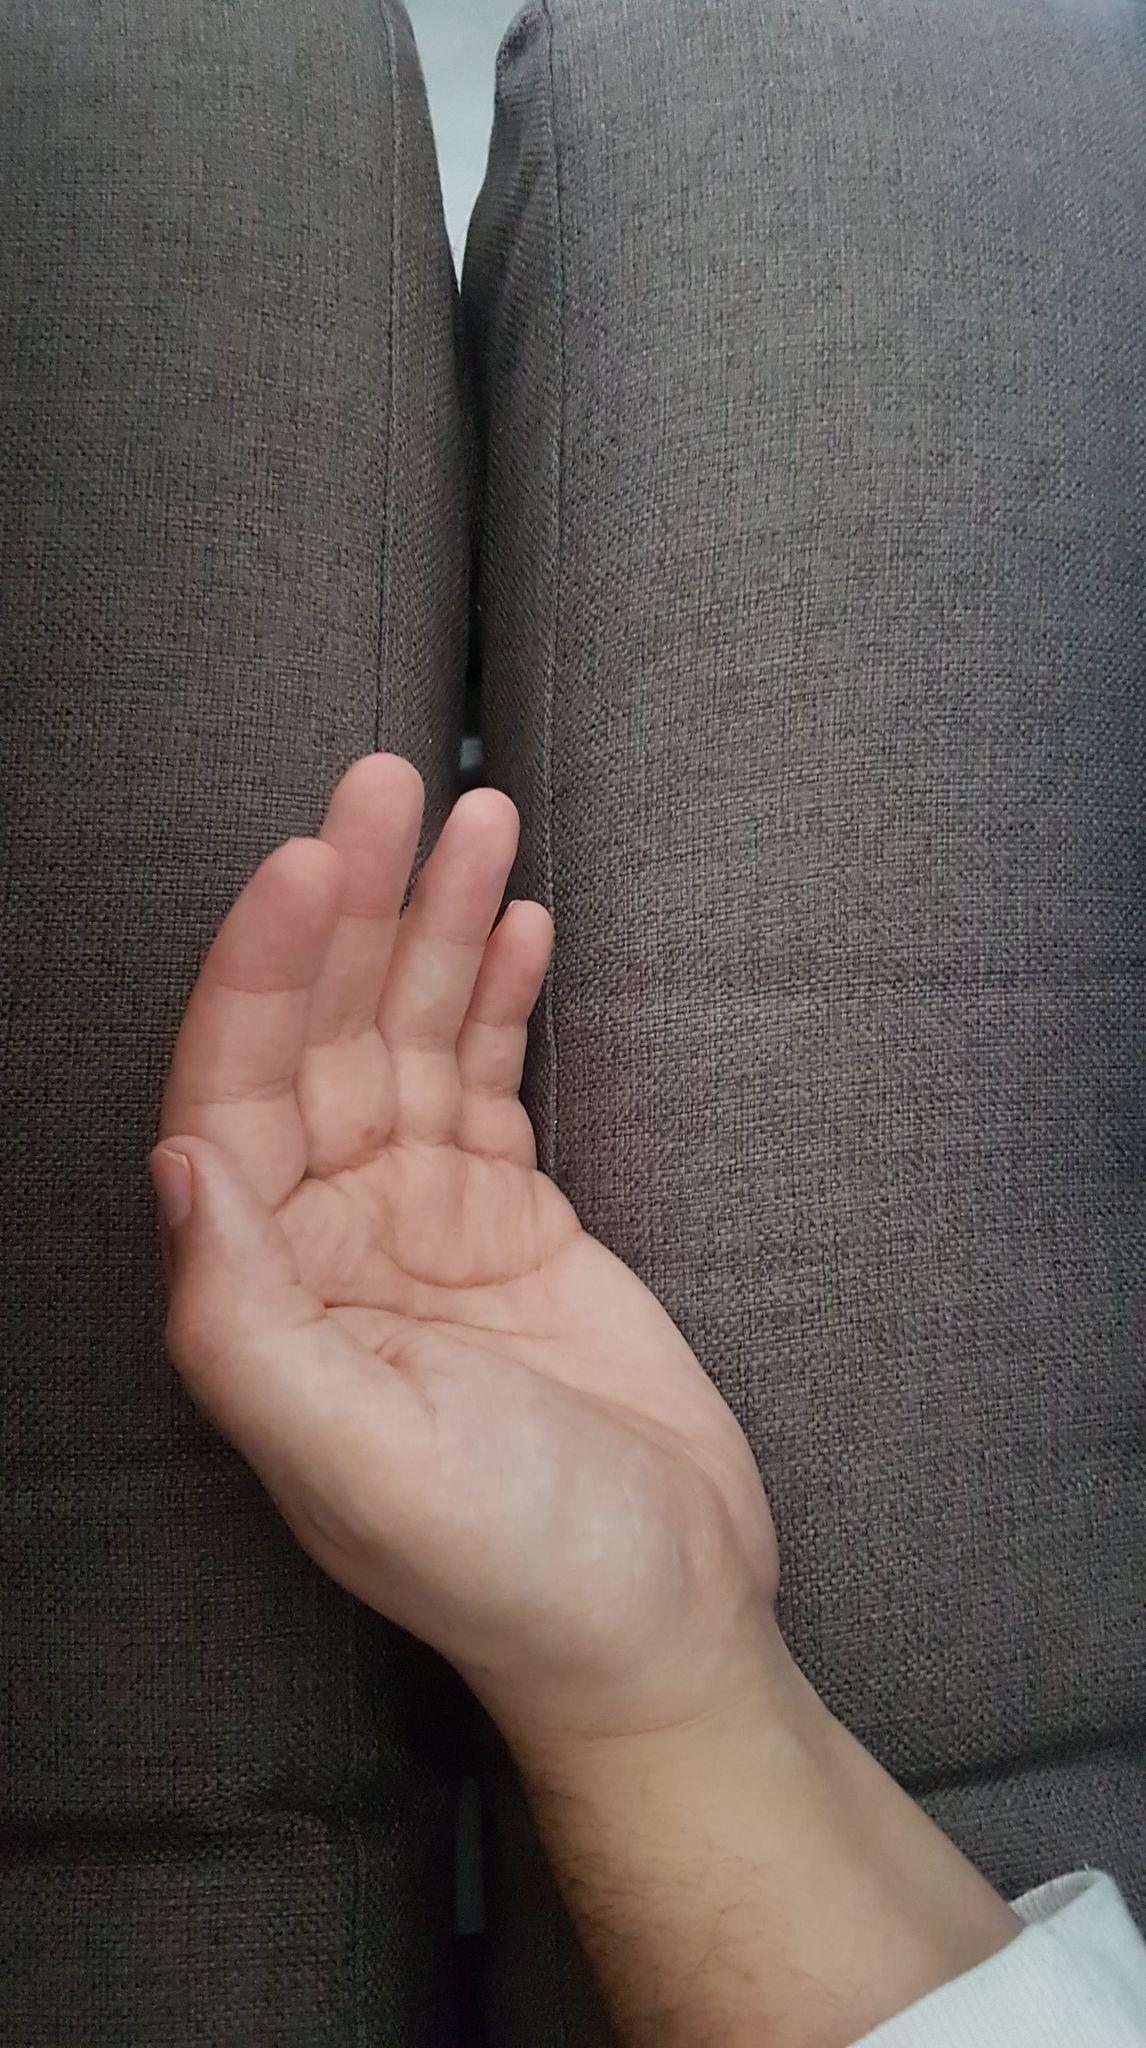 Une main seule sur un canapé.